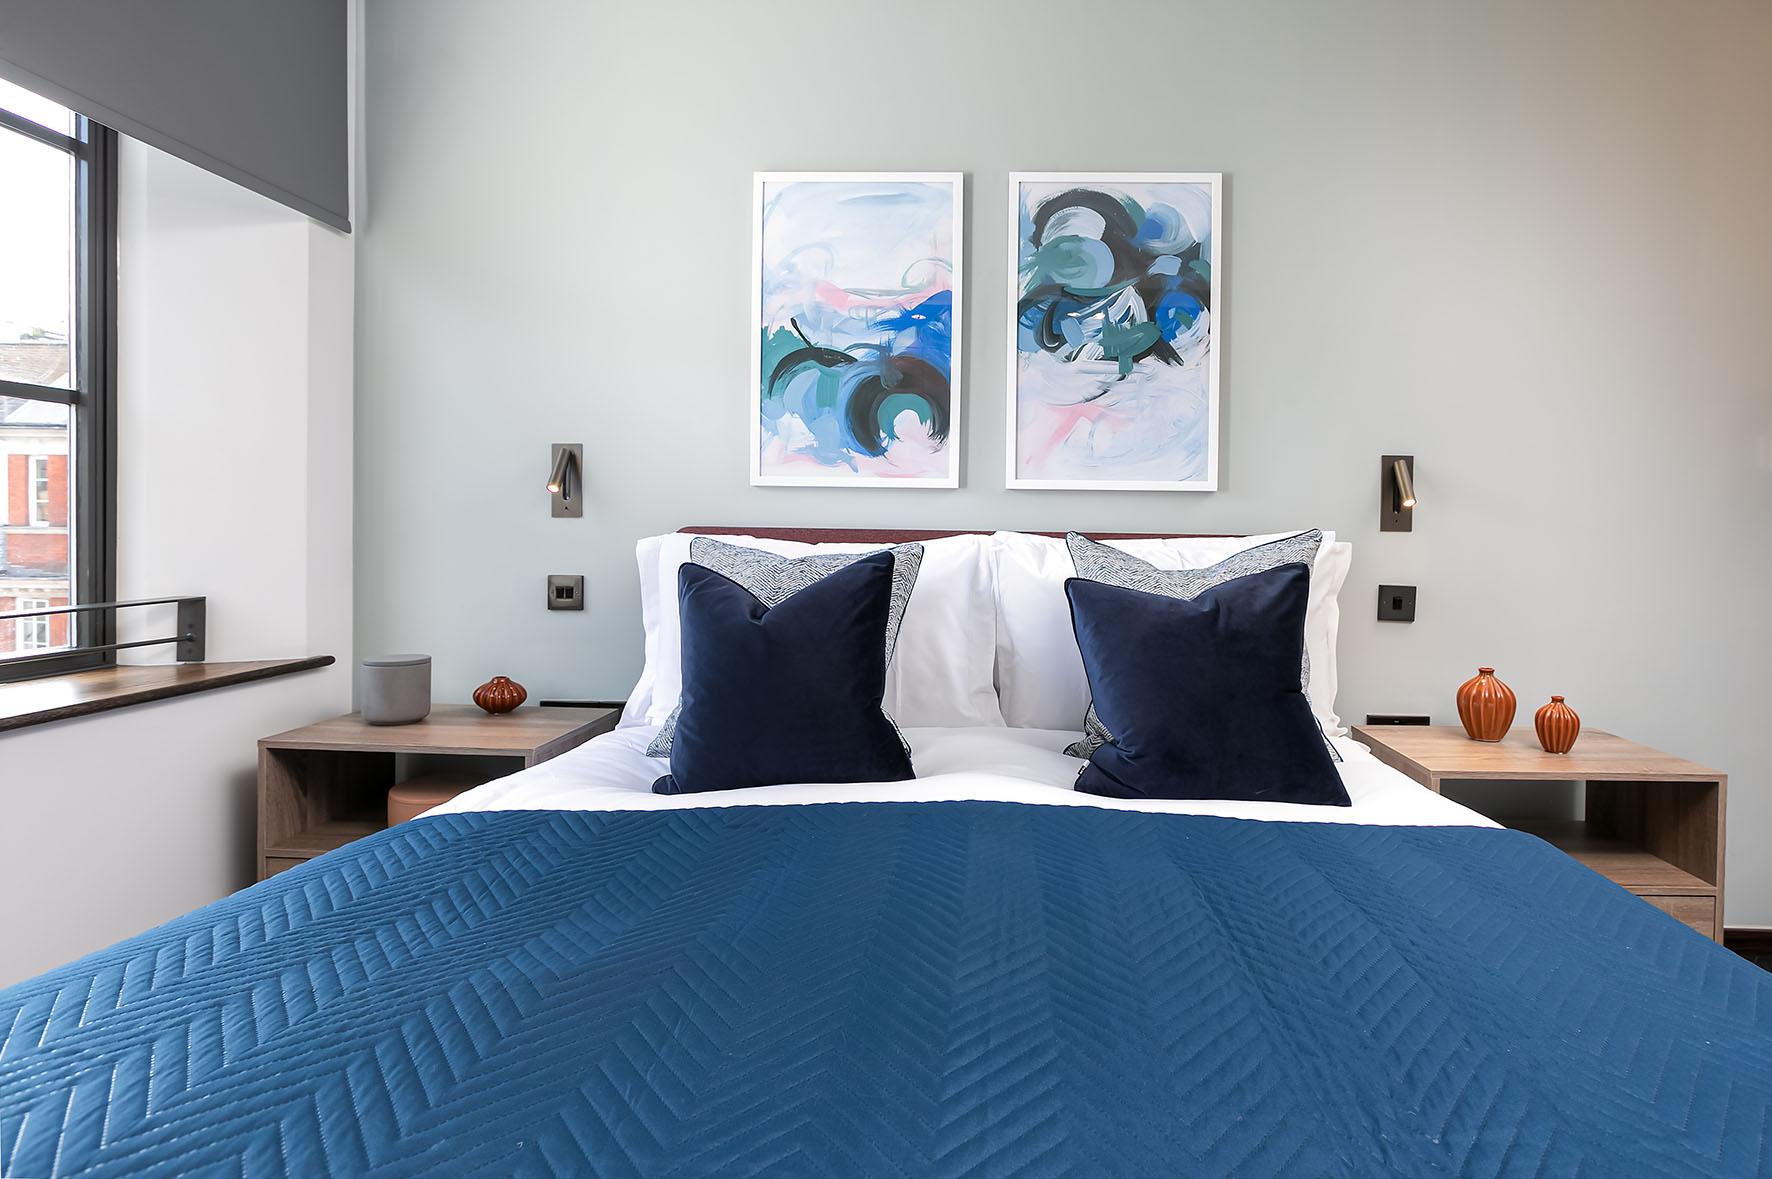 Lovelydays luxury service apartment rental - London - Soho - Noel Street VI - Lovelysuite - 2 bedrooms - 2 bathrooms - Queen bed - c61e6fec9a2d - Lovelydays